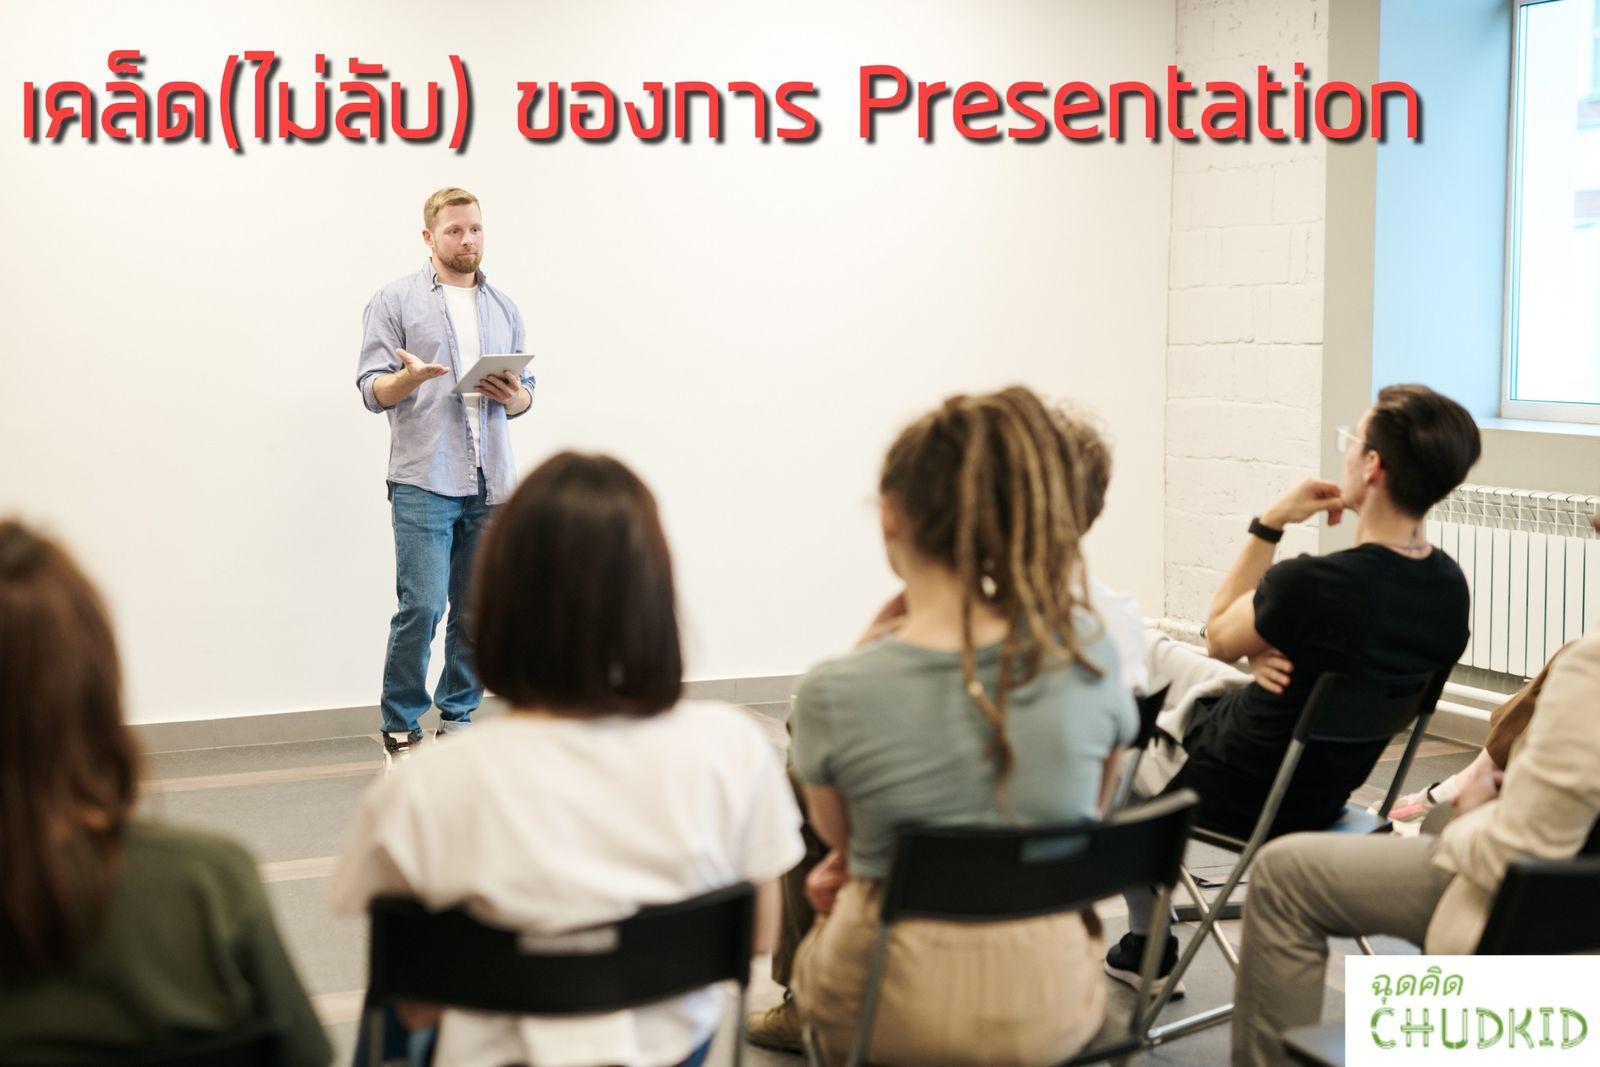 เคล็ด (ไม่ลับ) ในการ presentation